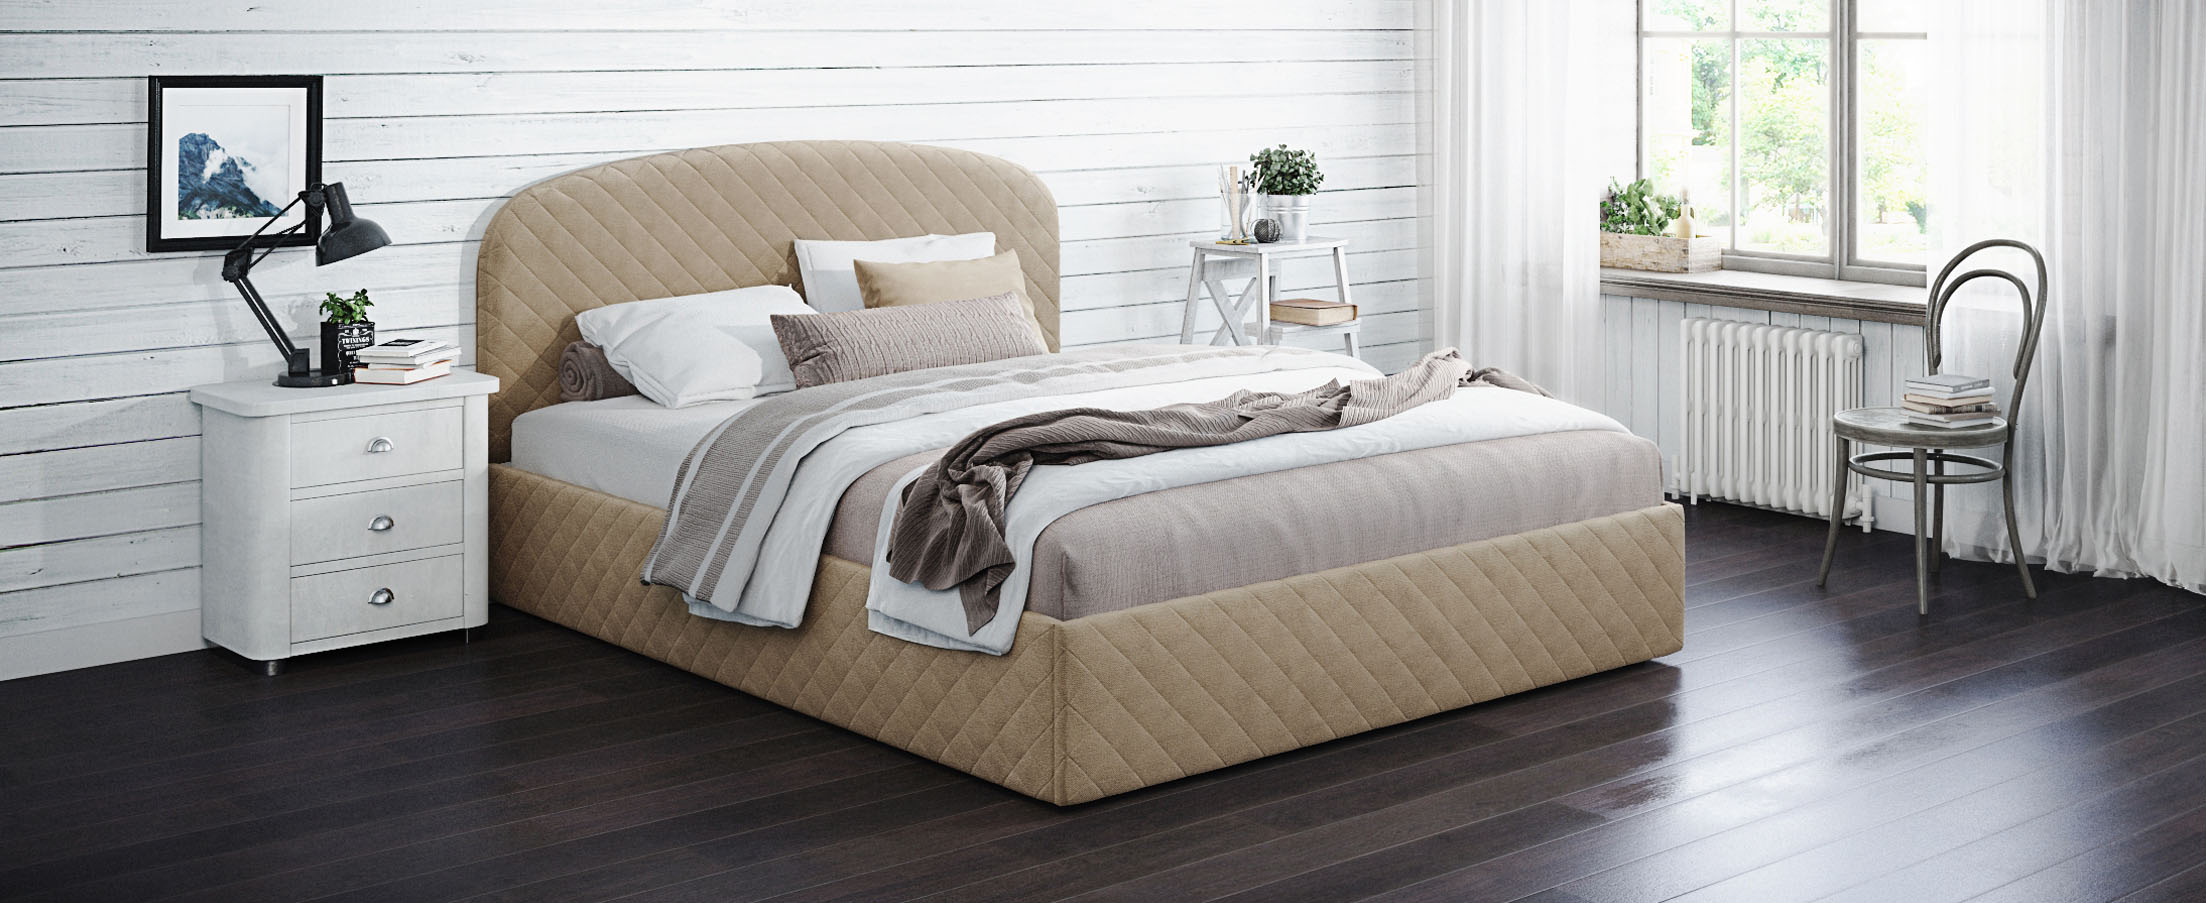 Кровать двуспальная Аллегра 160х200 Модель 1204Благодаря лаконичным формам она может стать как центральным предметом просторного помещения, также будет гармонично смотреться в небольшой спальной комнате.<br>